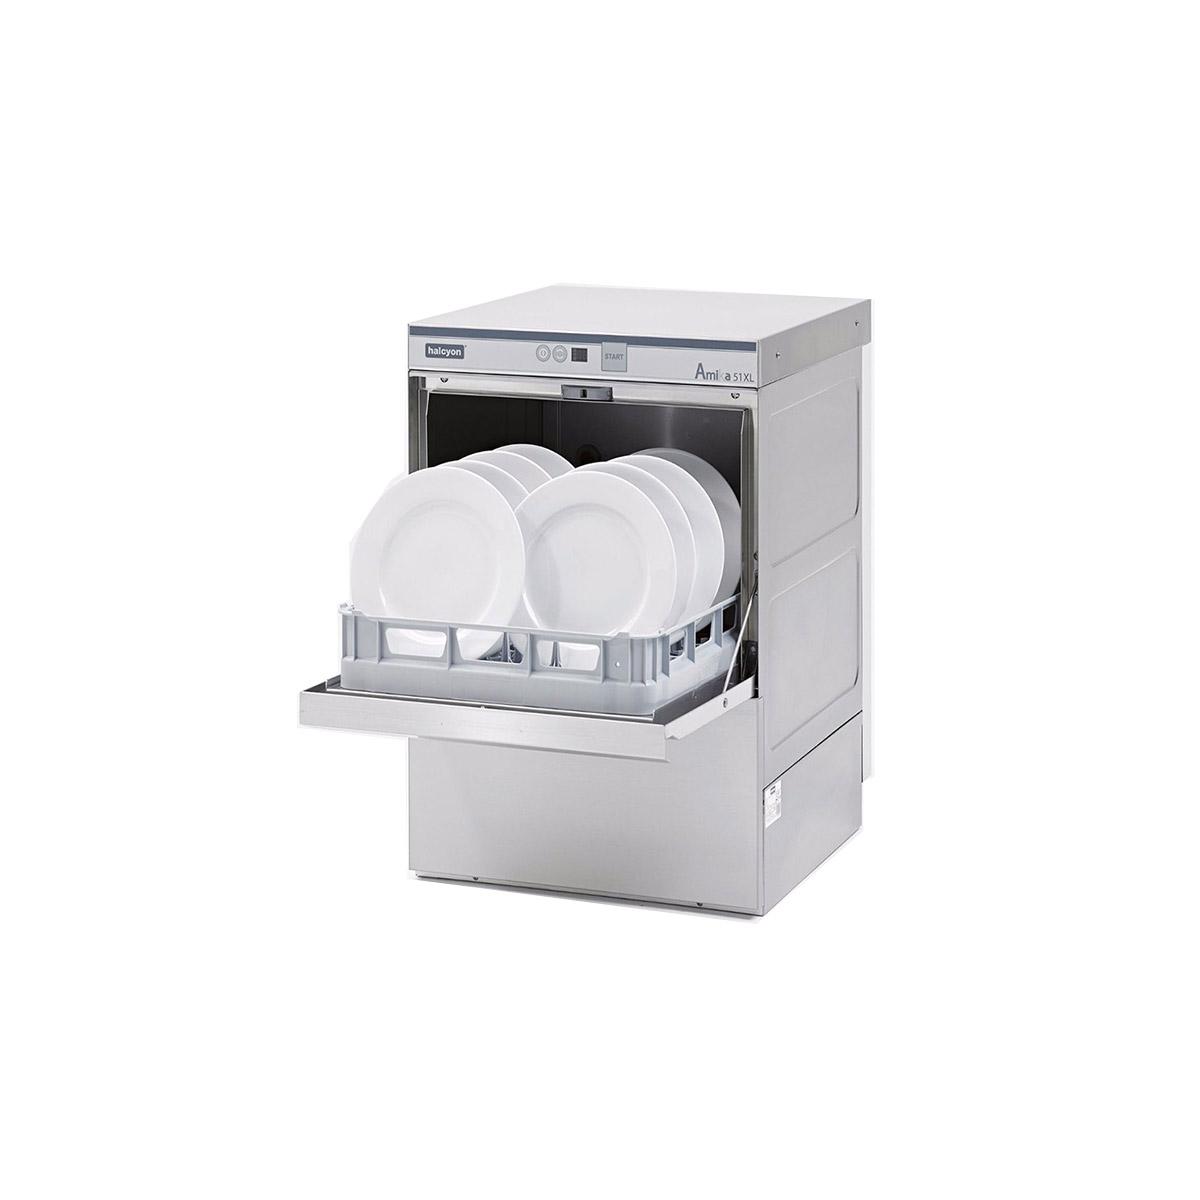 Maidaid Halcyon Amika Dishwasher AM51XL